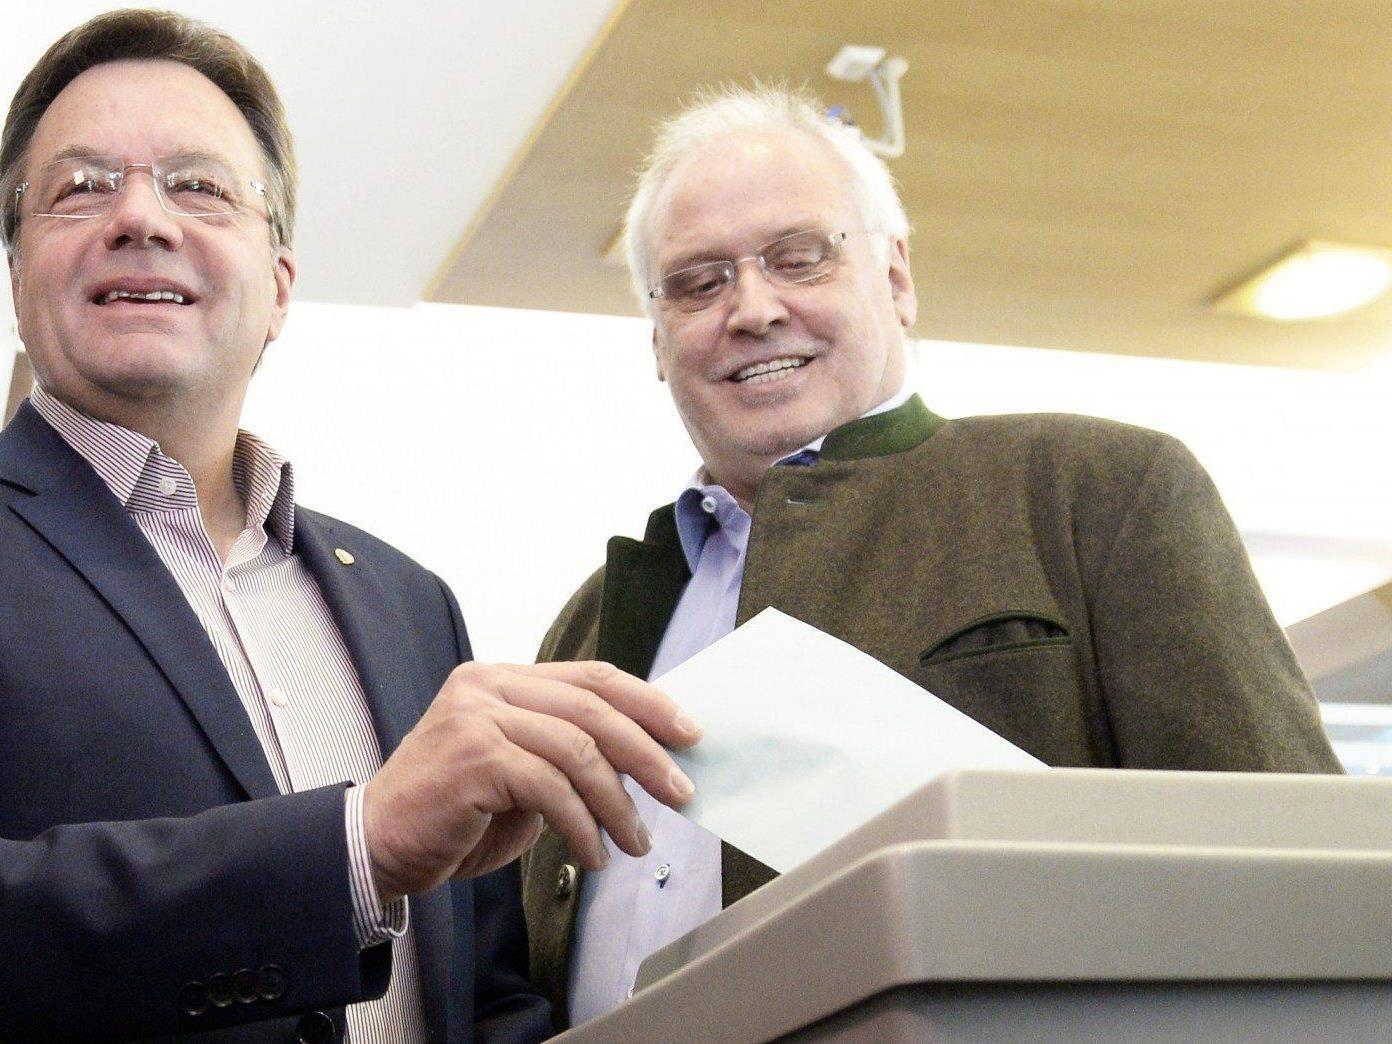 Tirols Landeshauptmann Günther Platter wählte in der Öffentlichkeit.